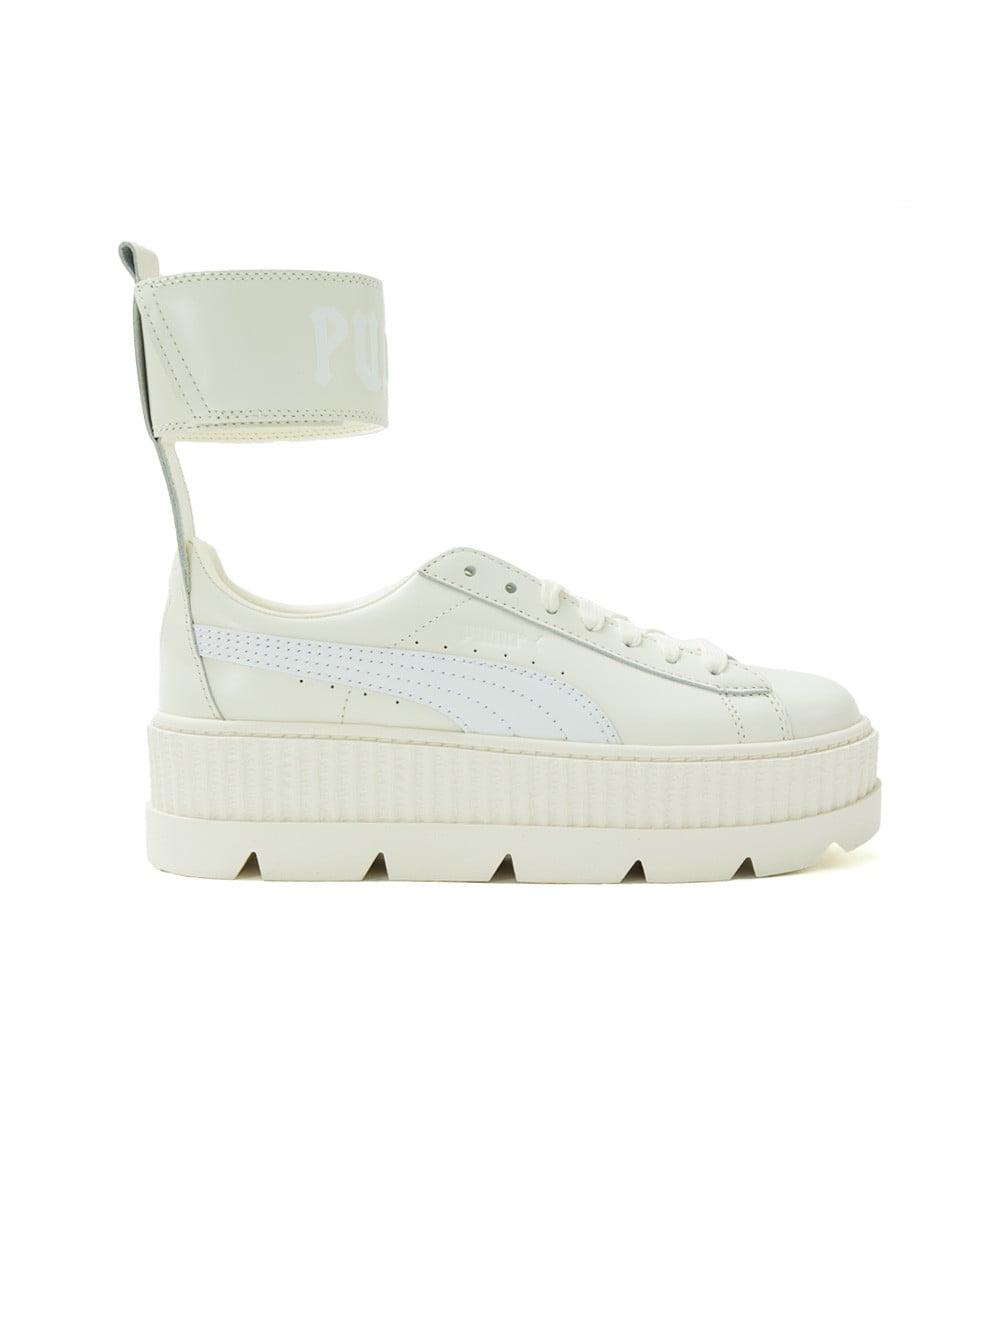 Kaia Gerber Wears Fenty Puma Sneakers